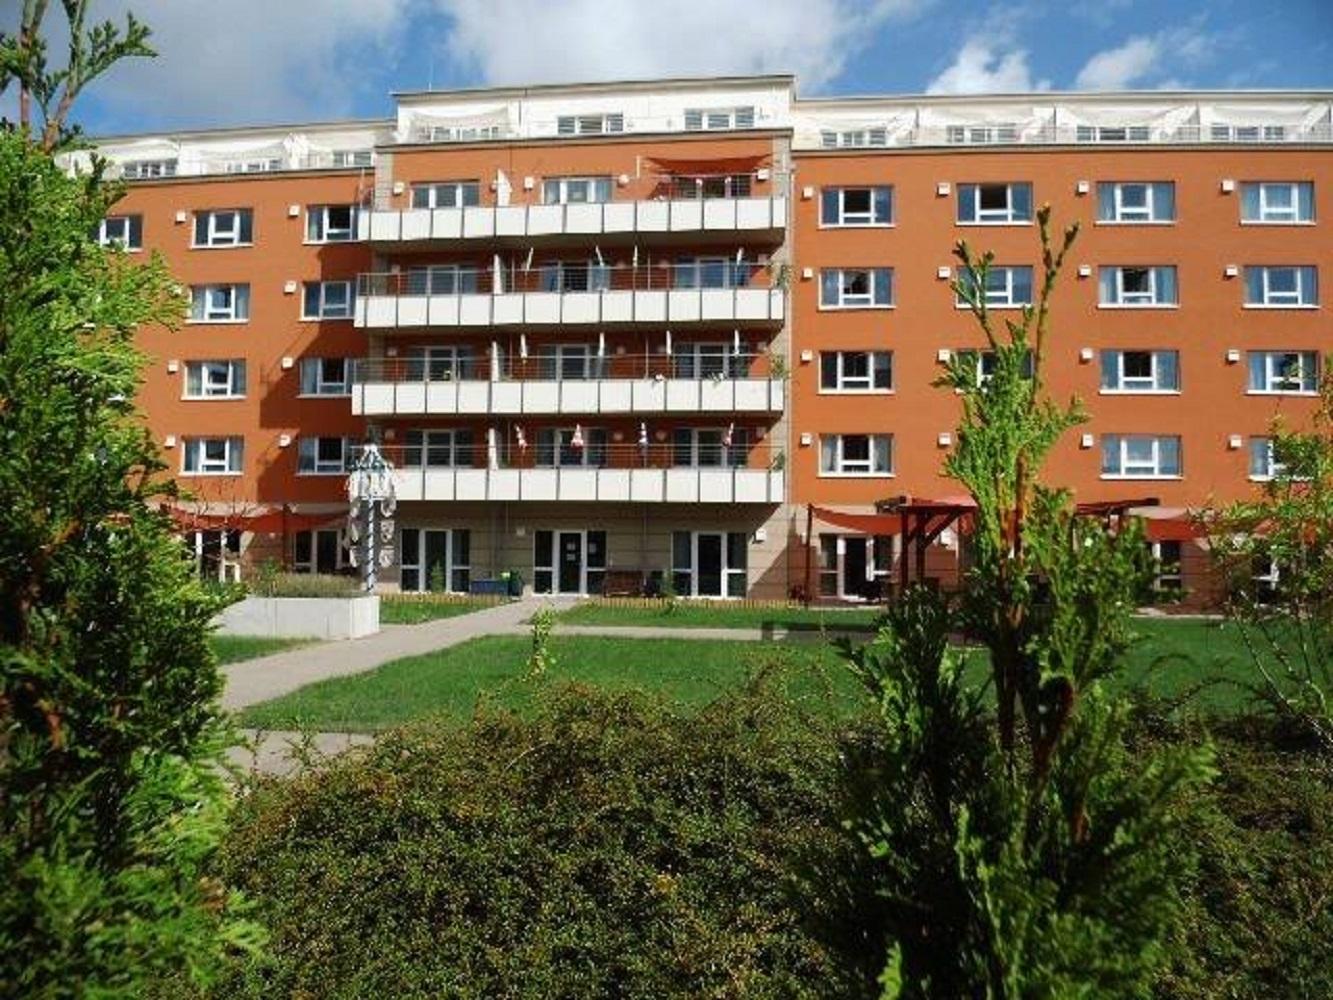 albaretto hotelresidenz 50 plus in augsburg auf wohnen im. Black Bedroom Furniture Sets. Home Design Ideas